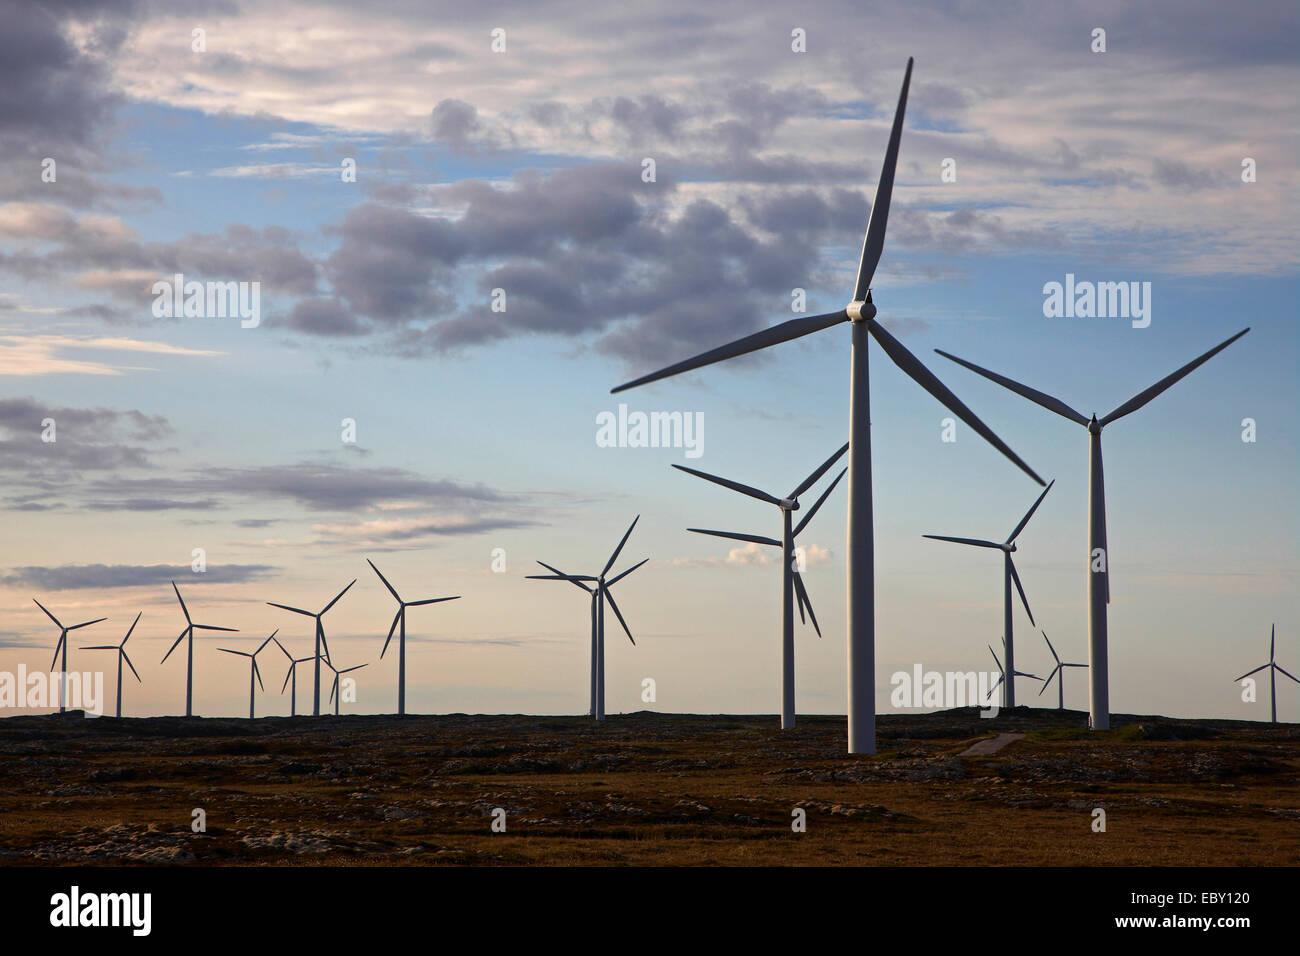 Impianto di energia eolica presso l'isola Smola, Norvegia, il Trondelag, Mittelnorwegen, Smola Immagini Stock